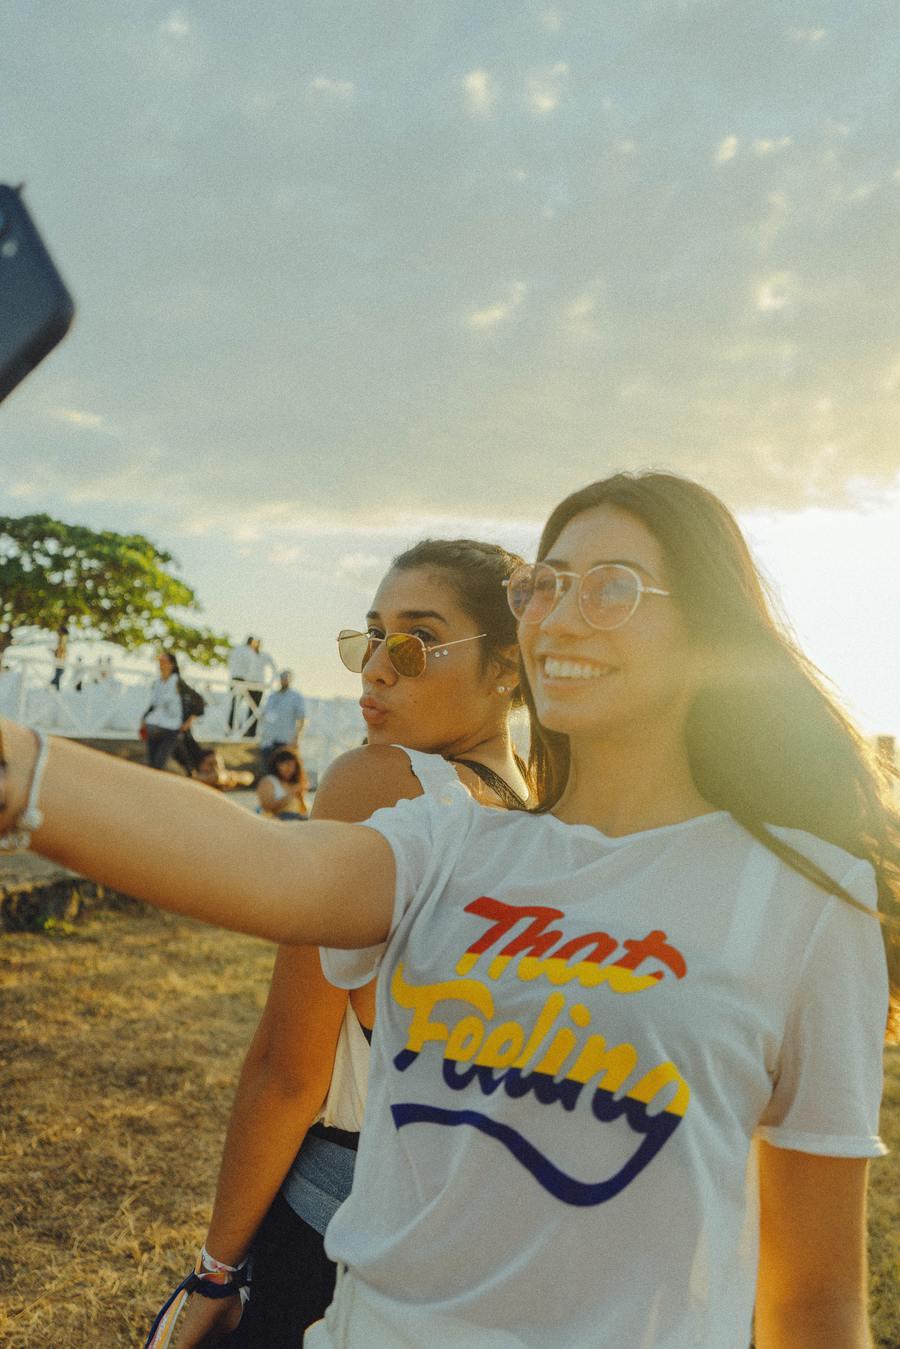 Dwie dziewczyny robią sobie selfie na plaży.